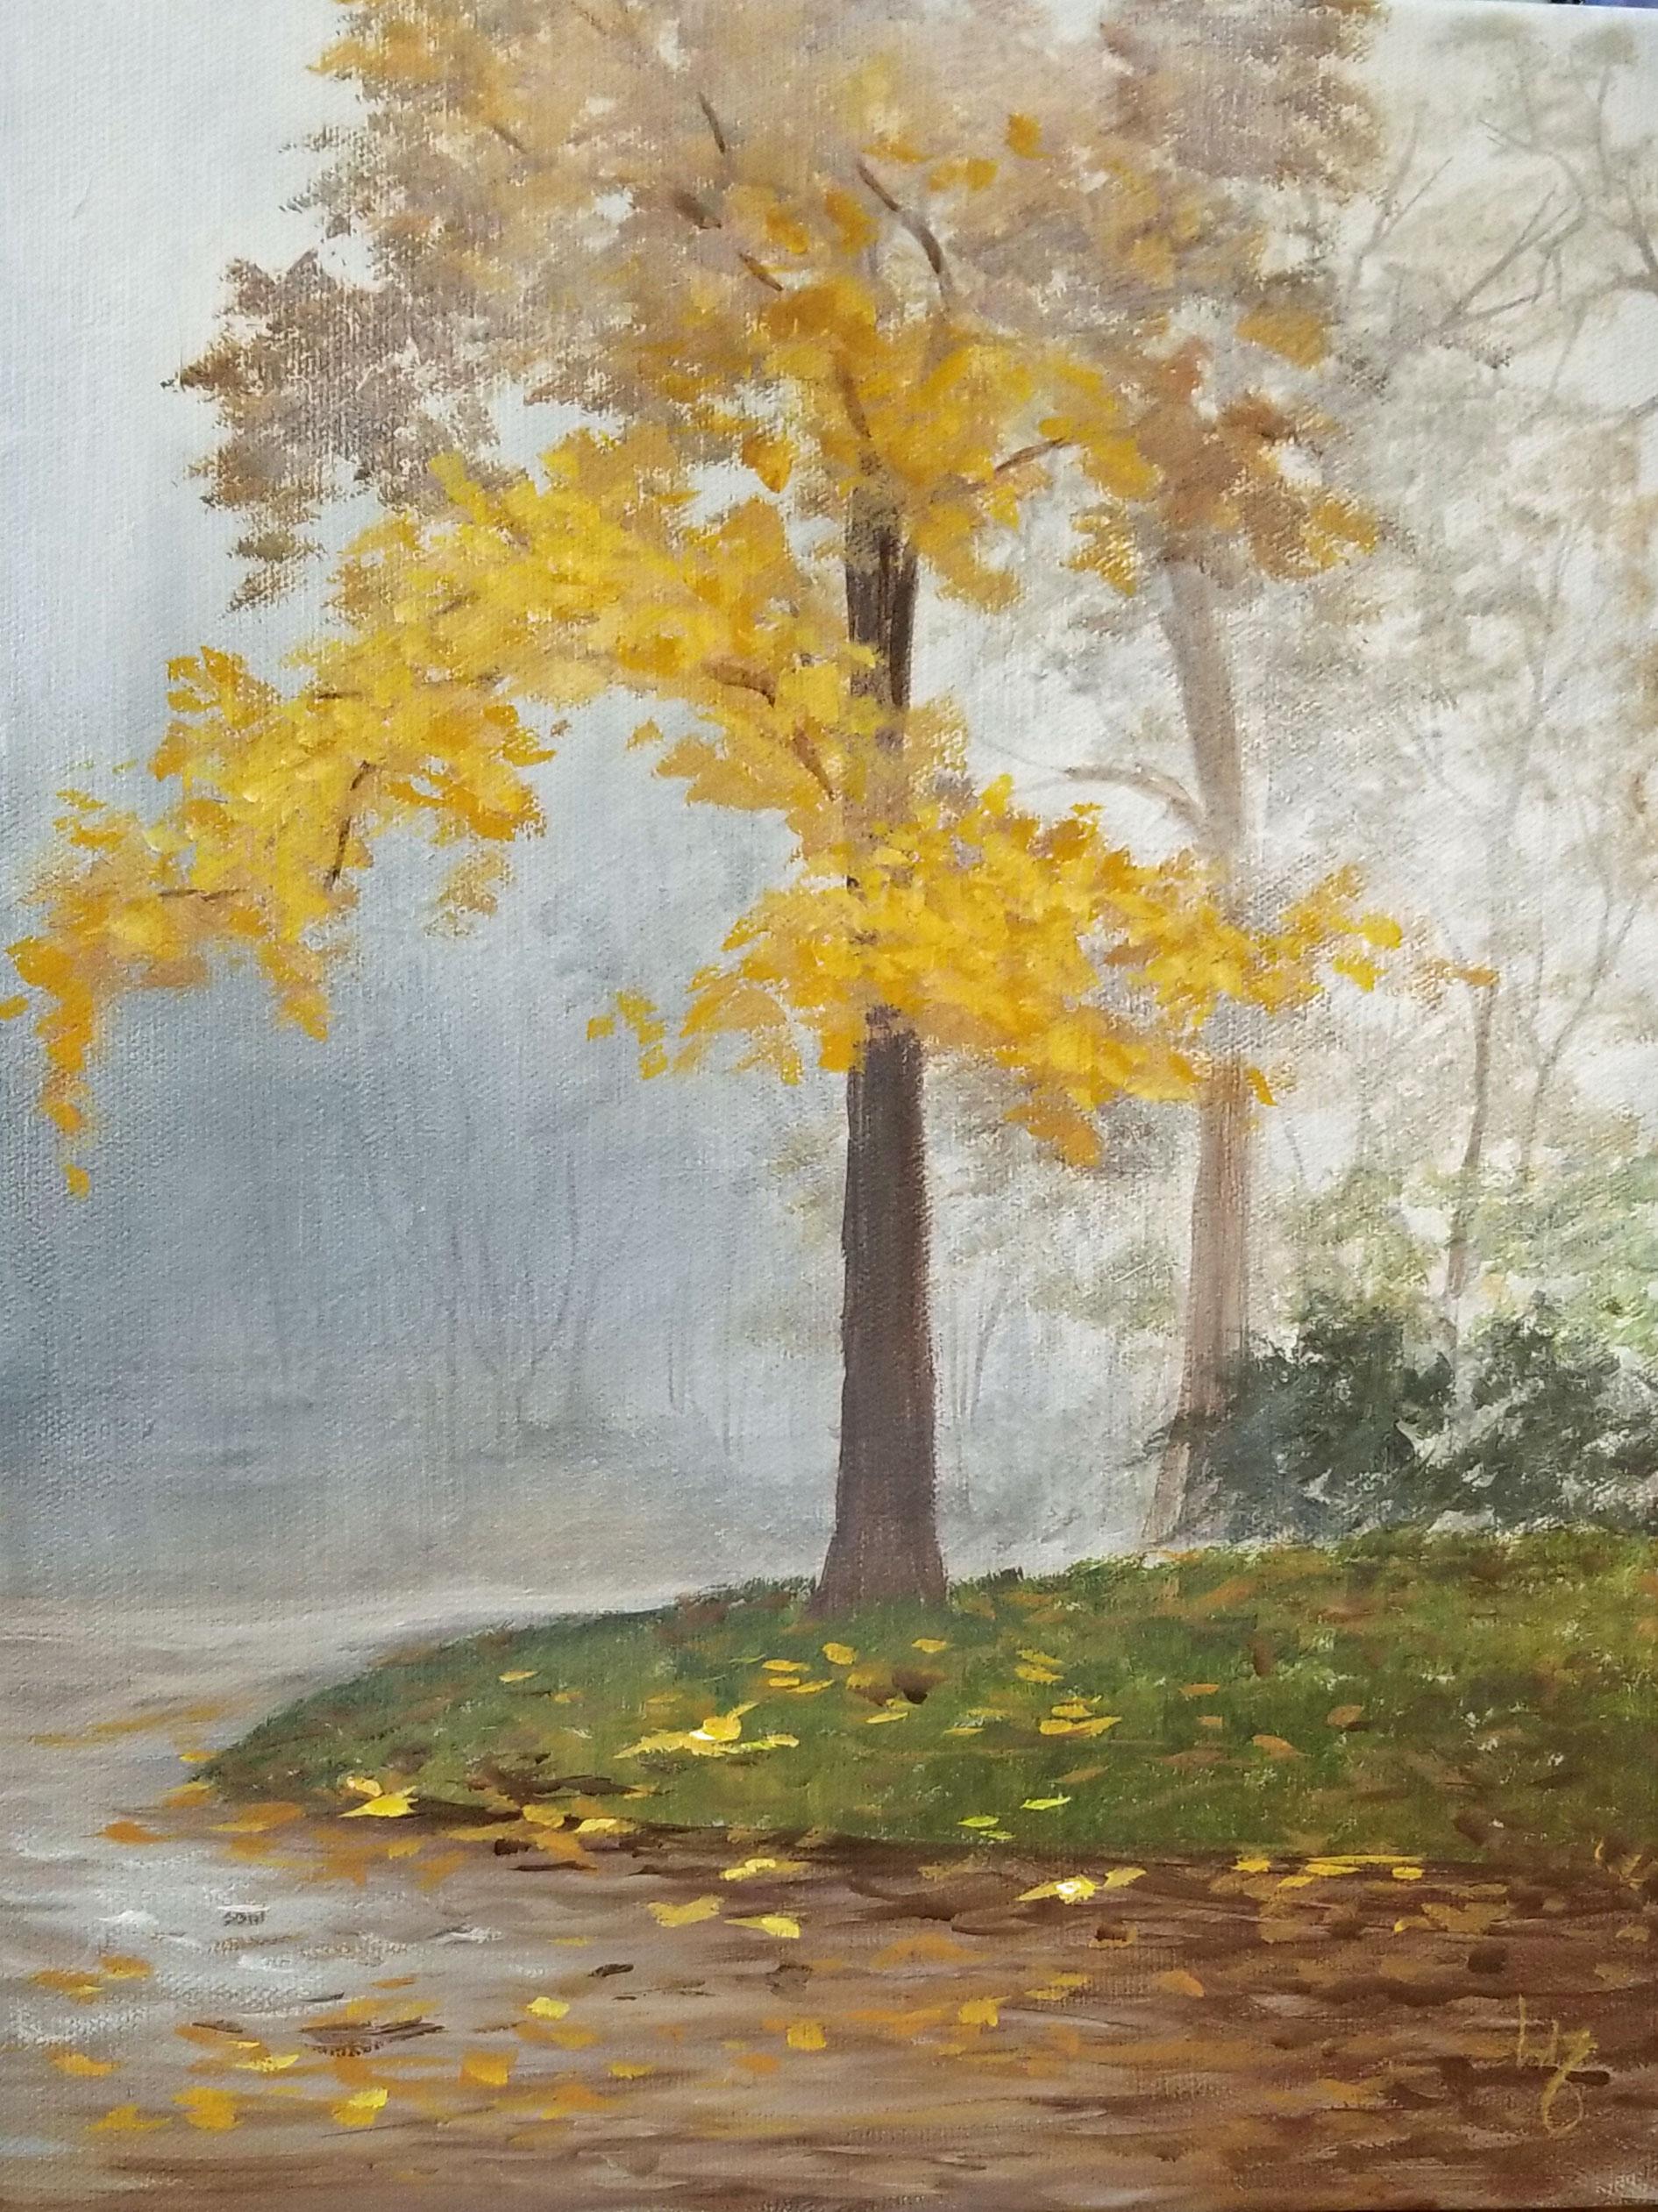 Tree-in-fog-web